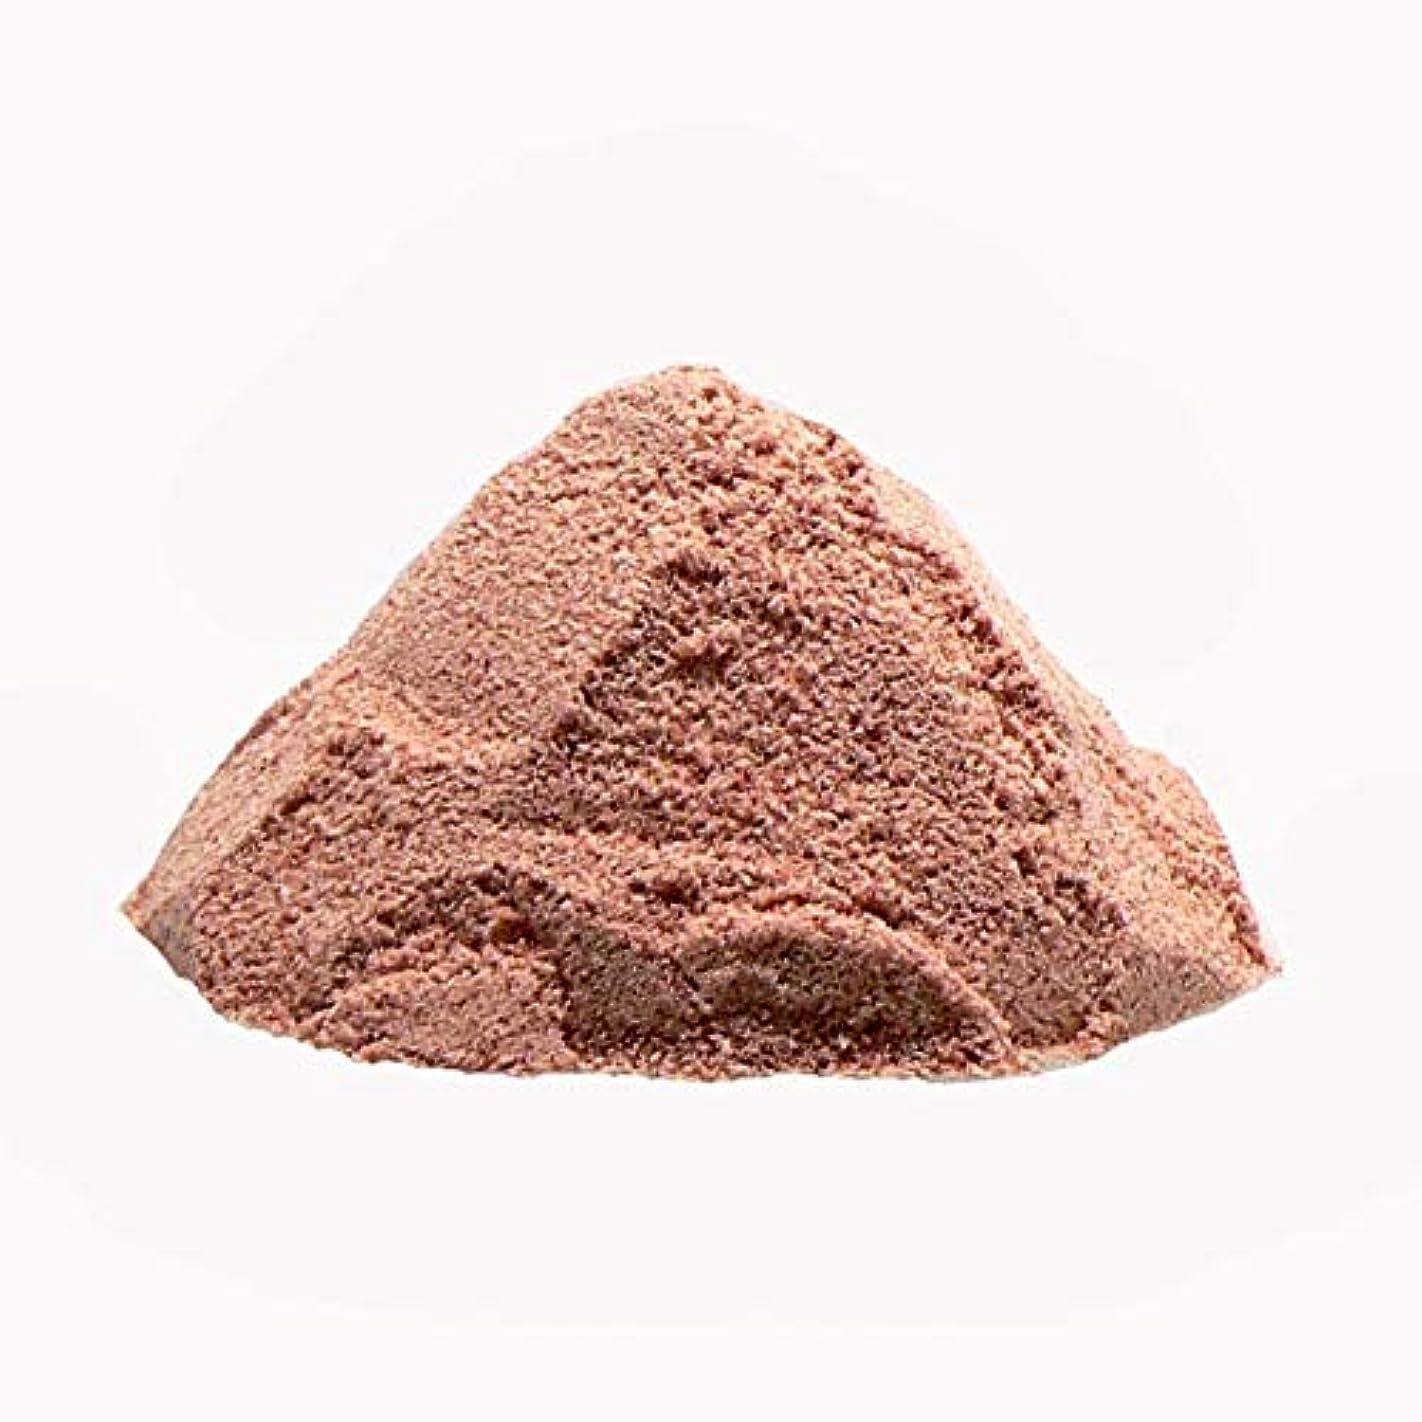 消化器隣接健康ヒマラヤ岩塩 プレミアム ルビーソルト バスソルト(パウダー)ネパール産 ルビー岩塩 (600g×2個セット)